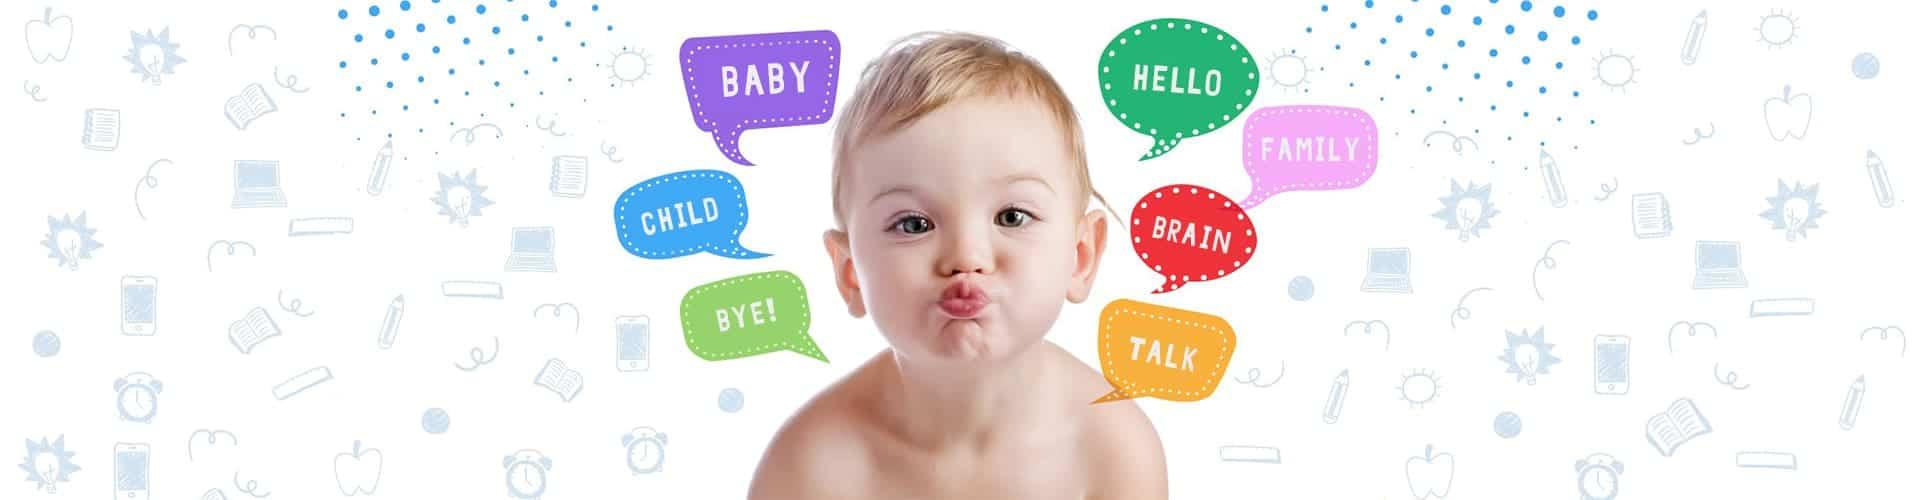 Cómo aprender ingles en niños